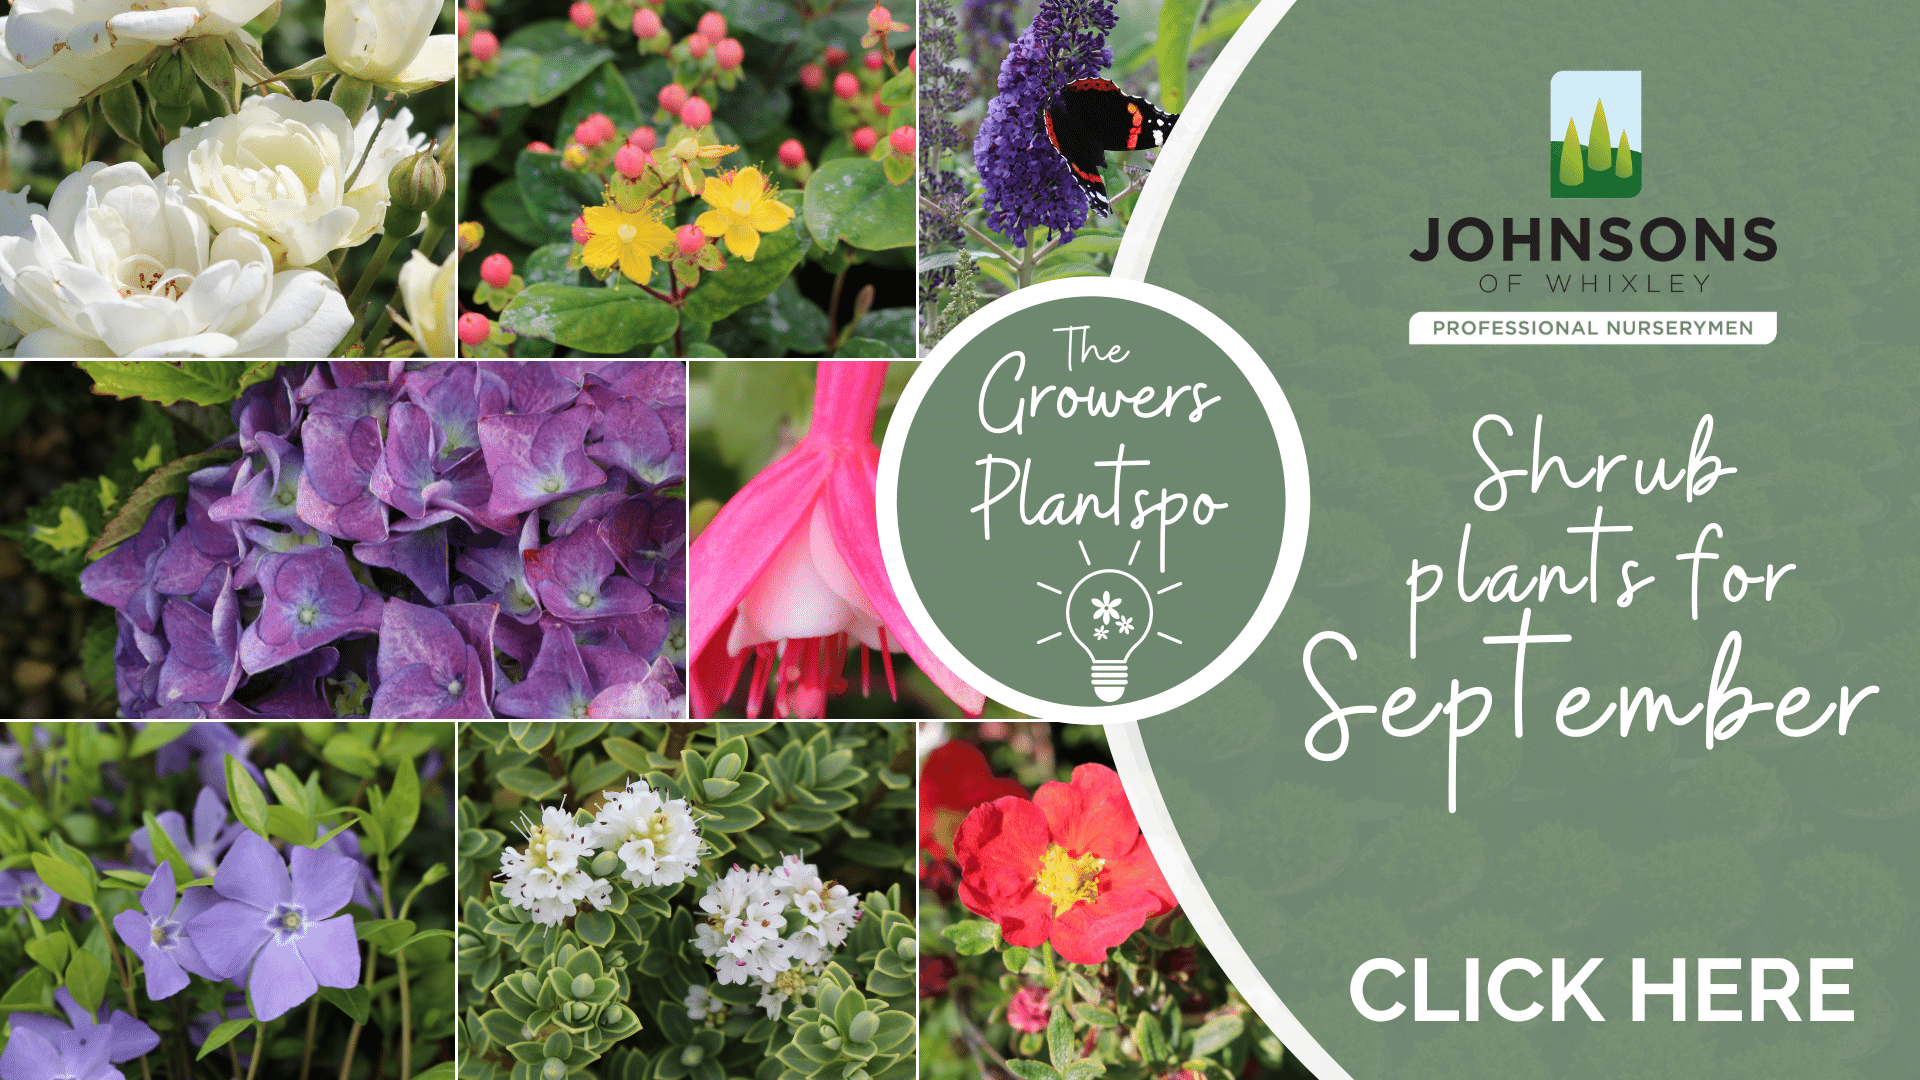 The Growers Plantspo - September Shrubs